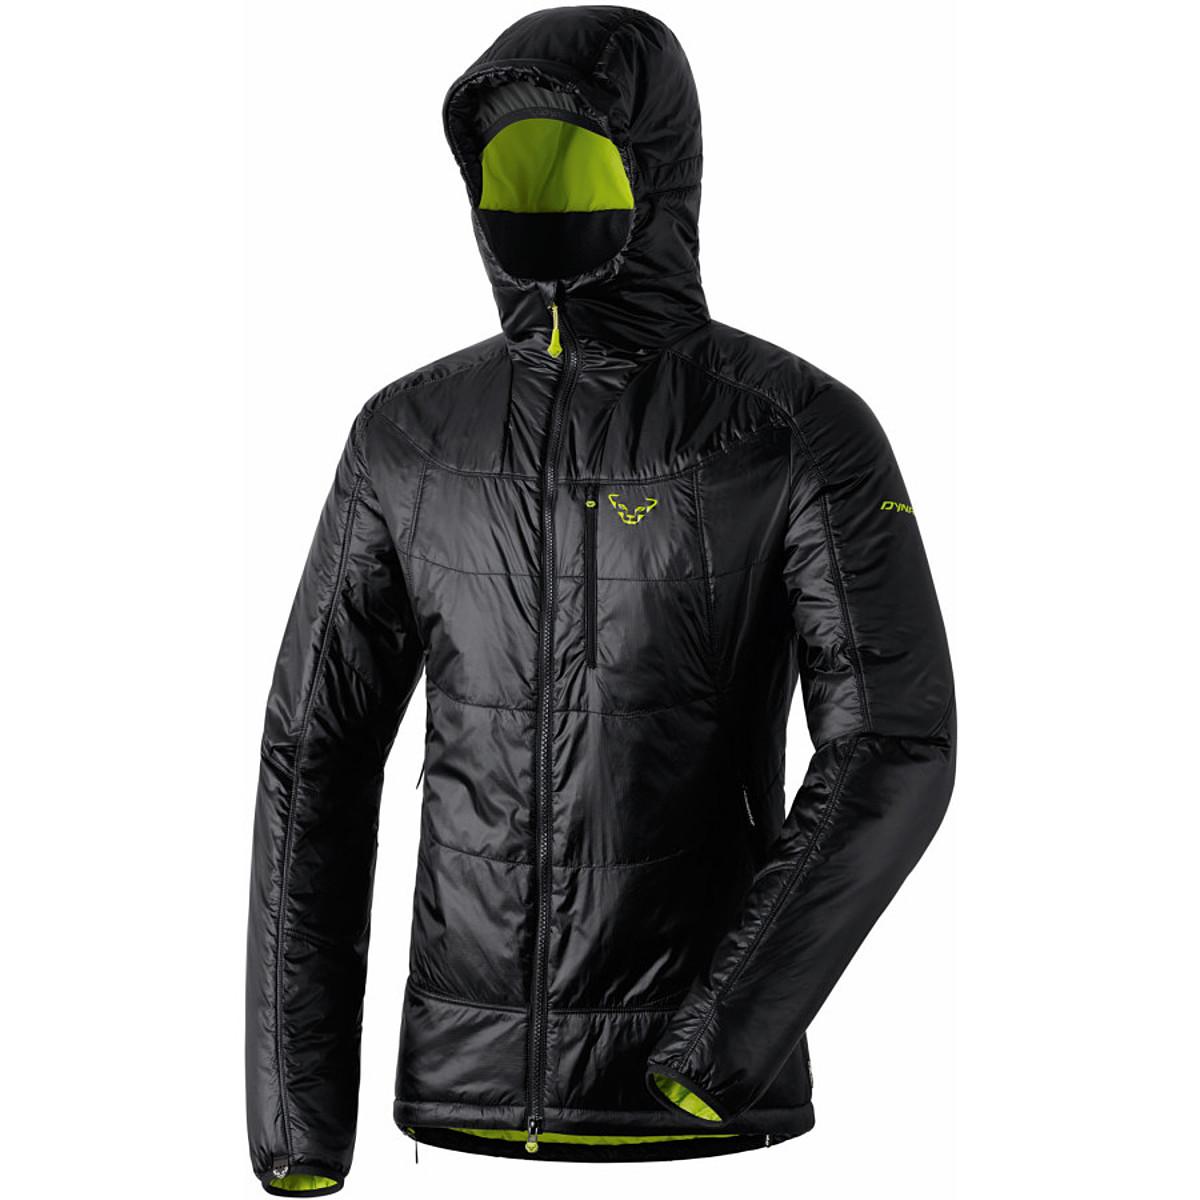 Dynafit Borax 2.0 Primaloft Jacket